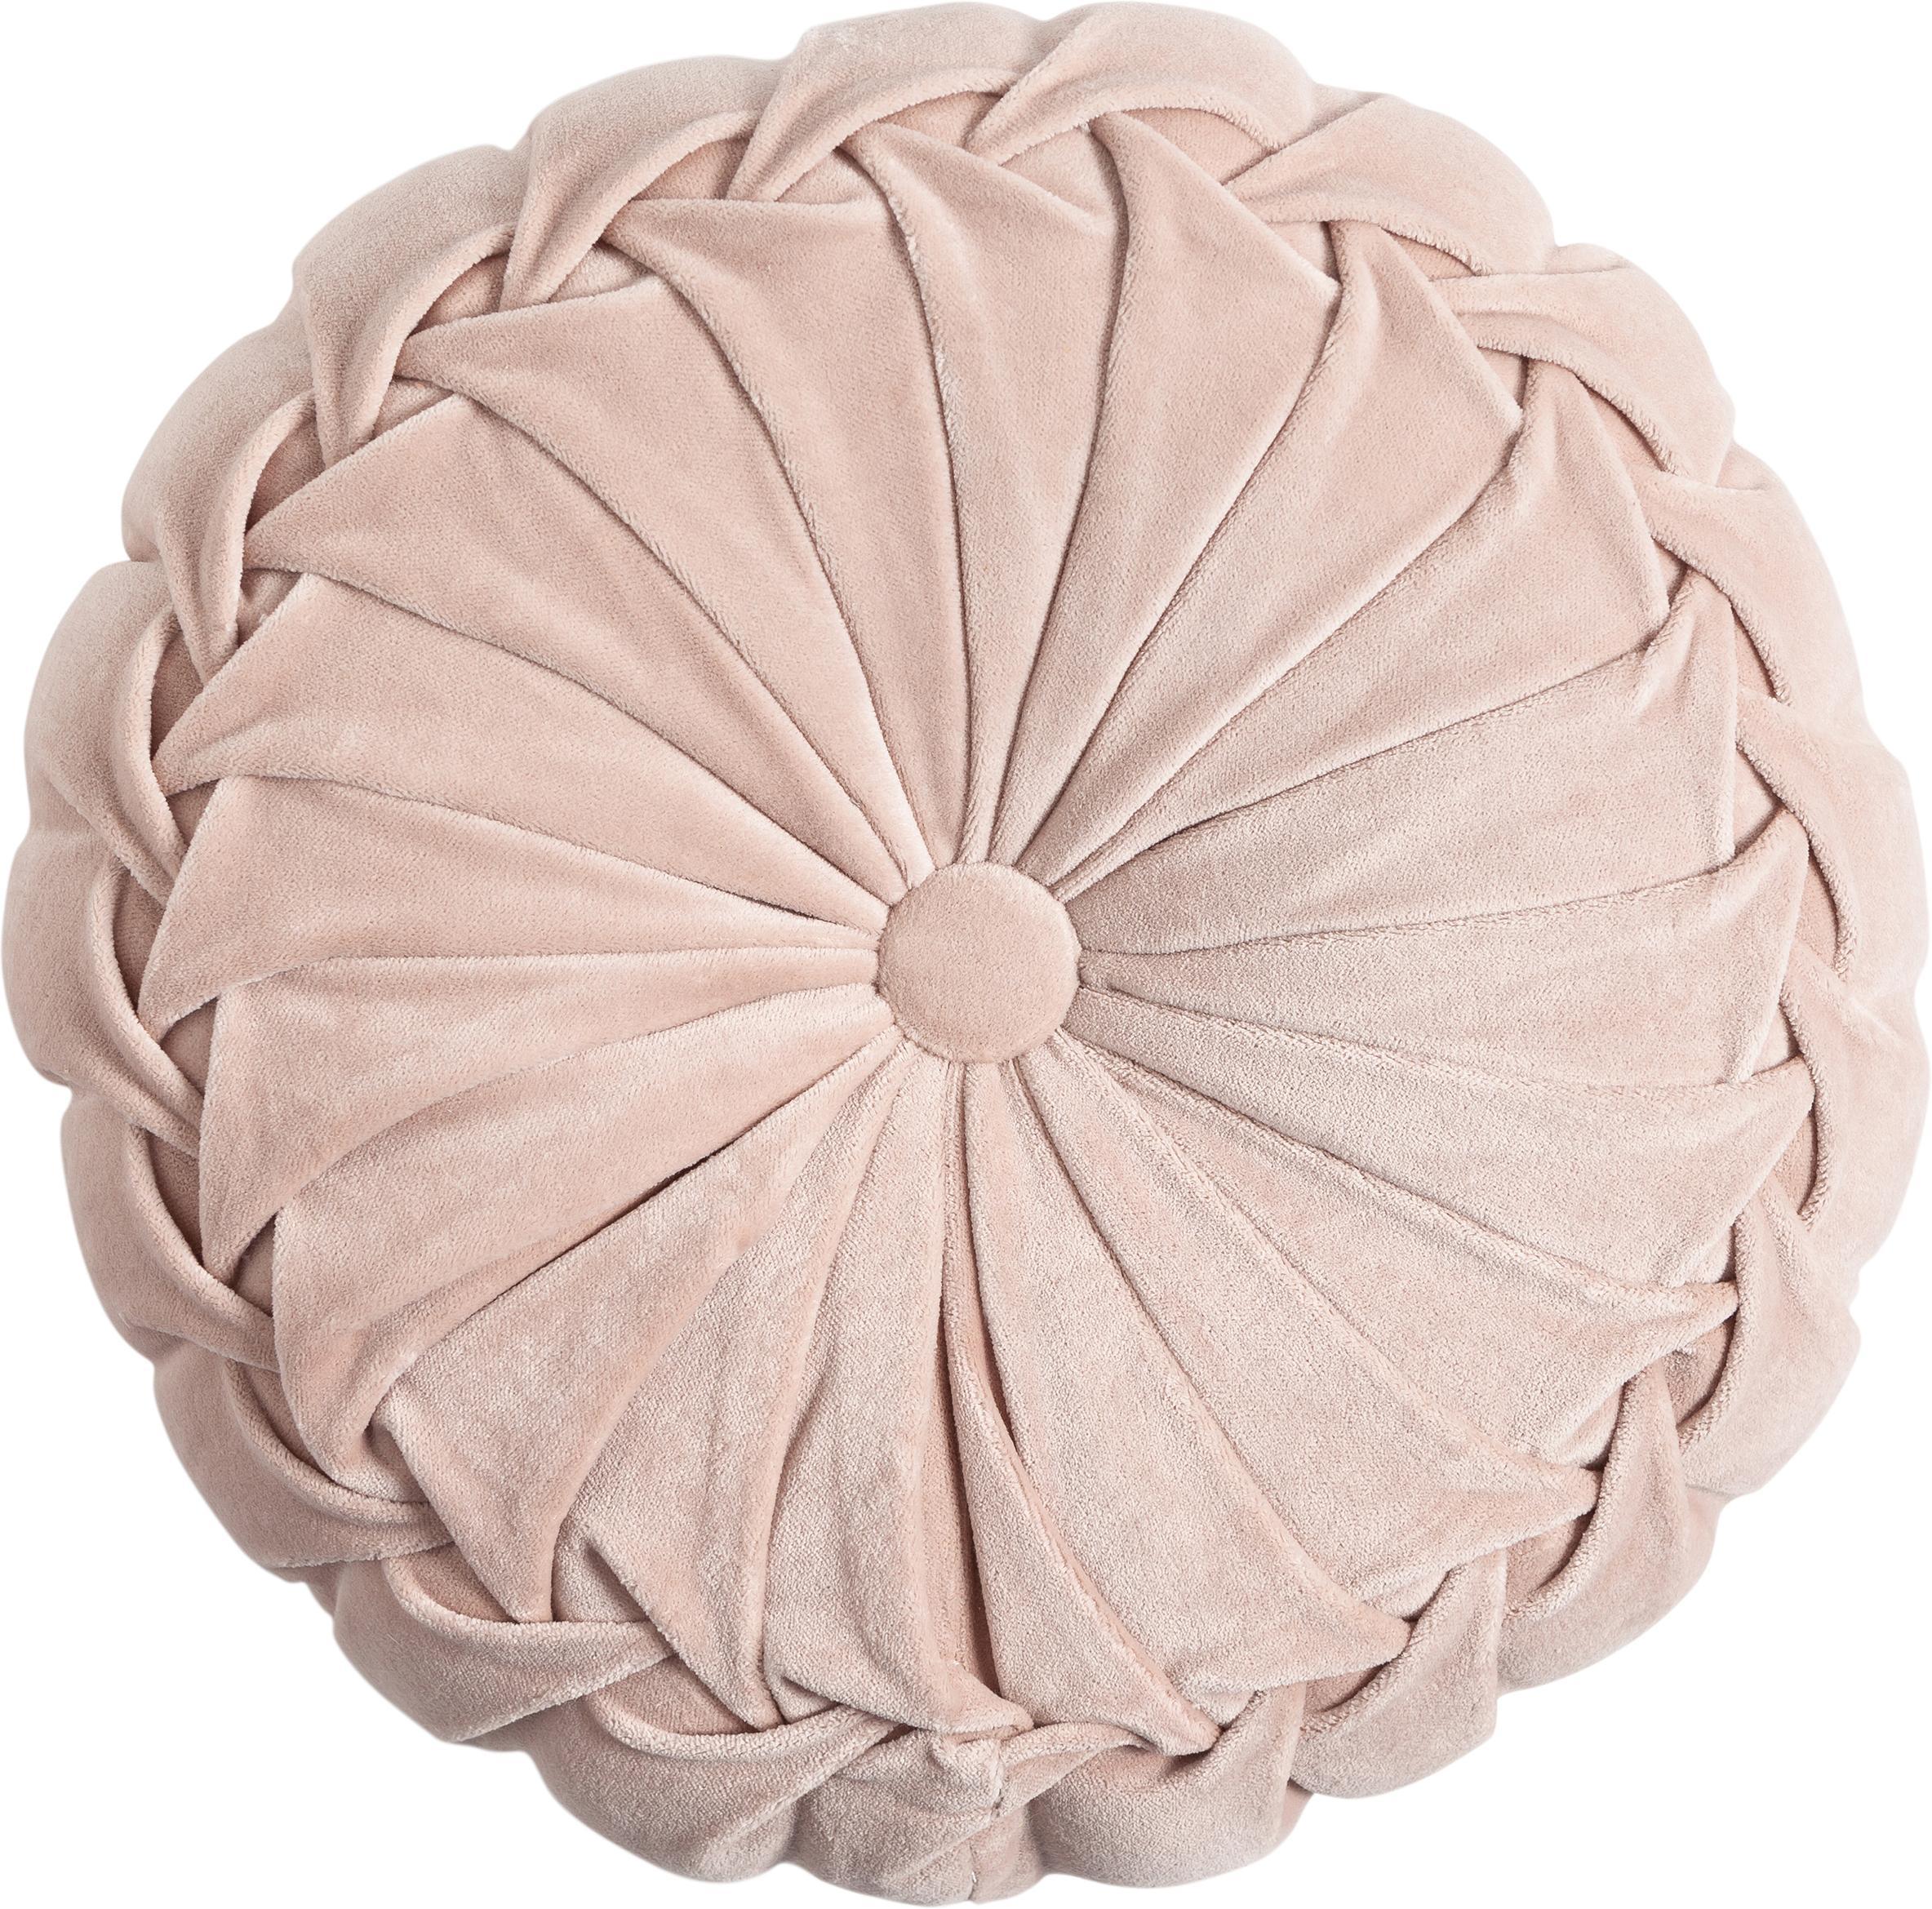 Rond fluwelen kussen Kanan met plooien, met vulling, Poederroze, Ø 40 cm